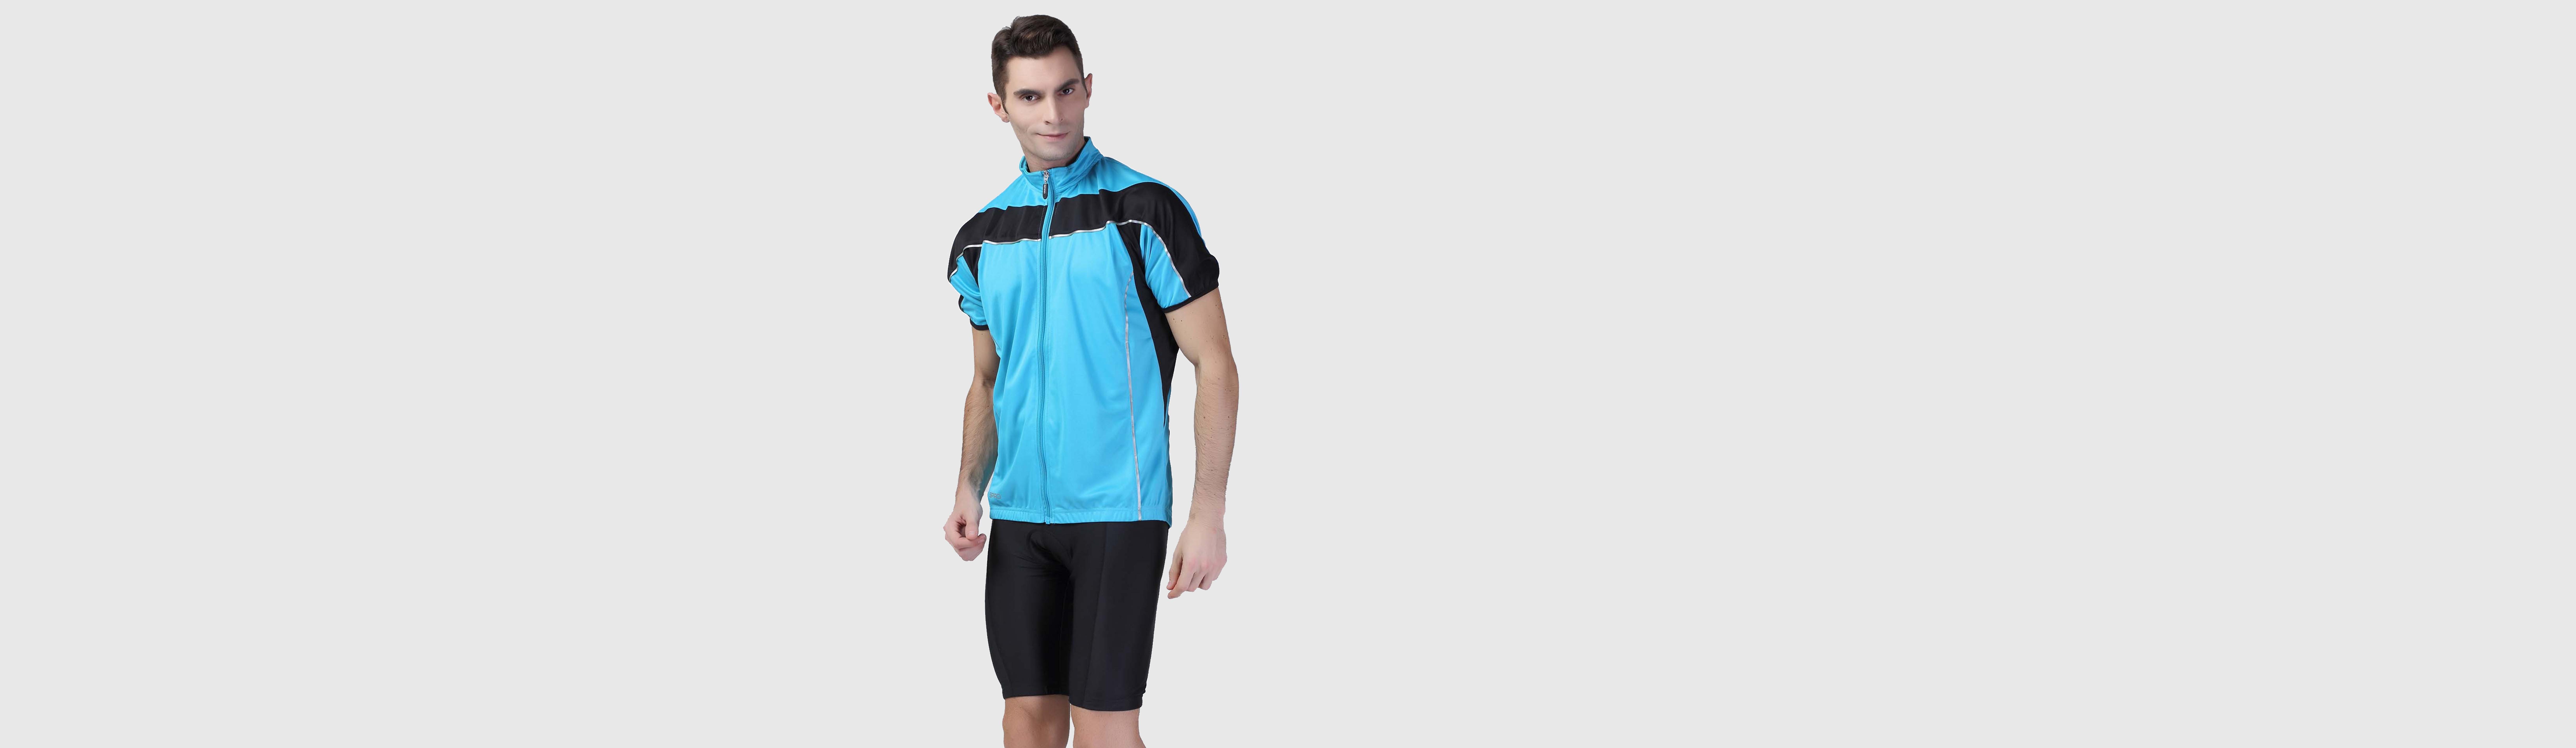 Vêtements de Vélo / VTT | Mes Tenues Perso